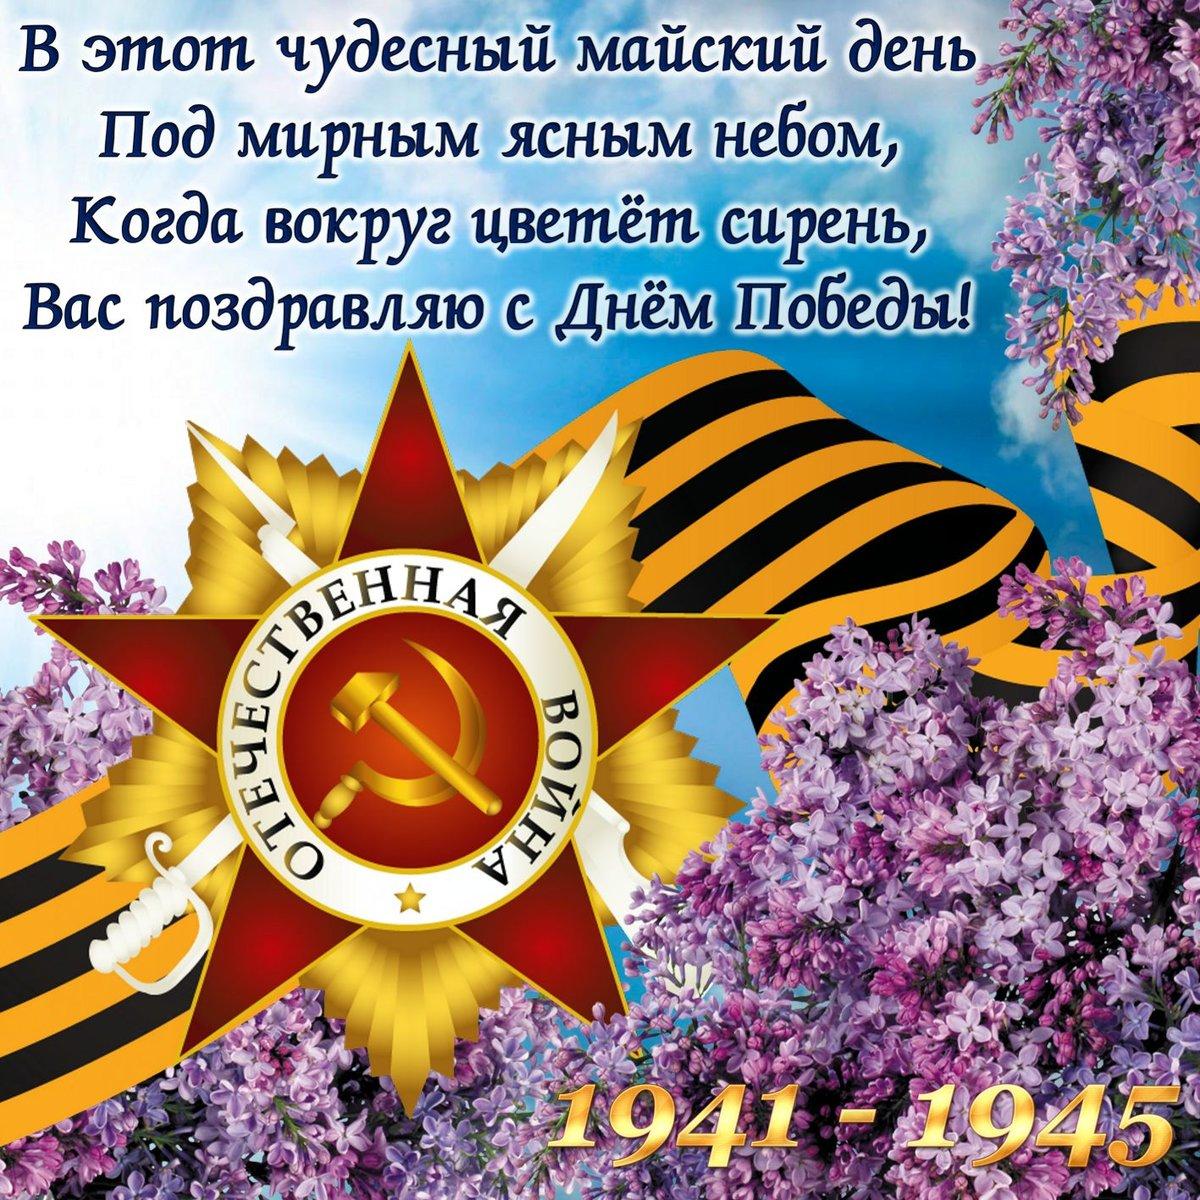 Поздравления с 9 мая от детей